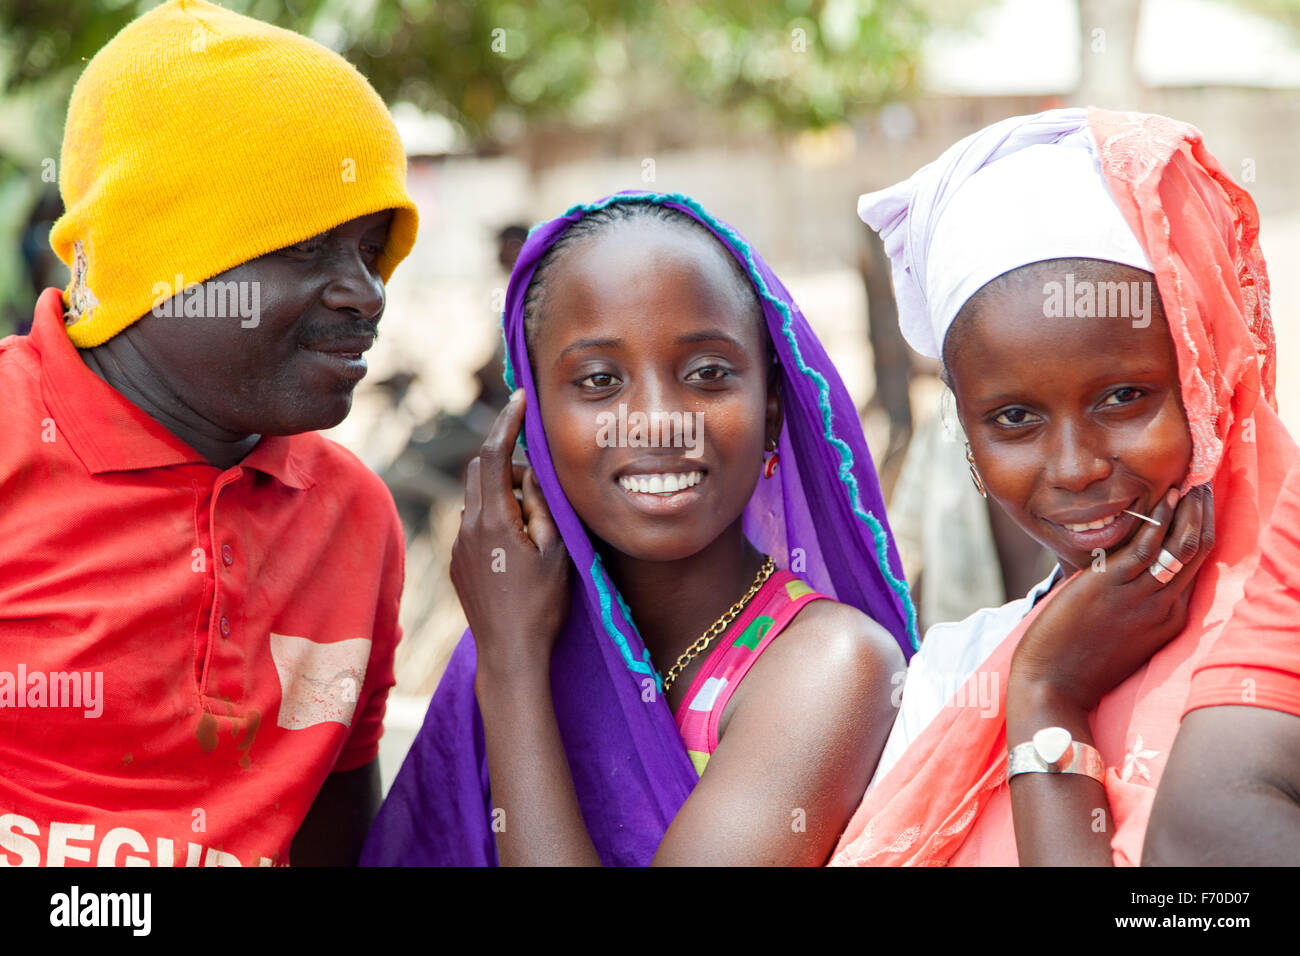 Gabu, GUINÉE-BISSAU - 10 mai 2014: l'homme d'essayer de flirter avec deux filles de l'Afrique. Photo Stock